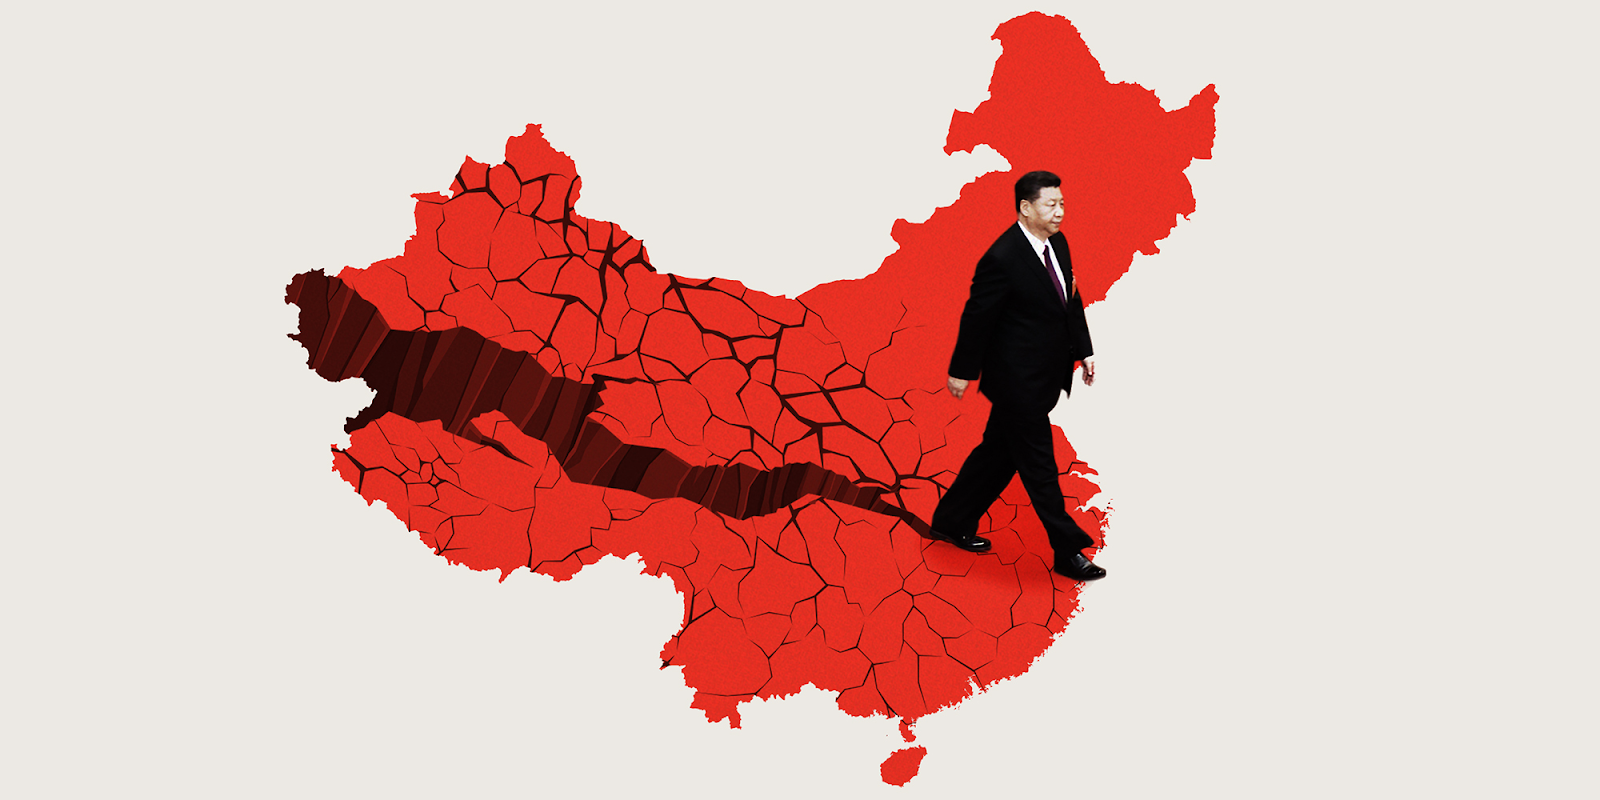 China podría enfrentar una recesión económica MUY SEVERA